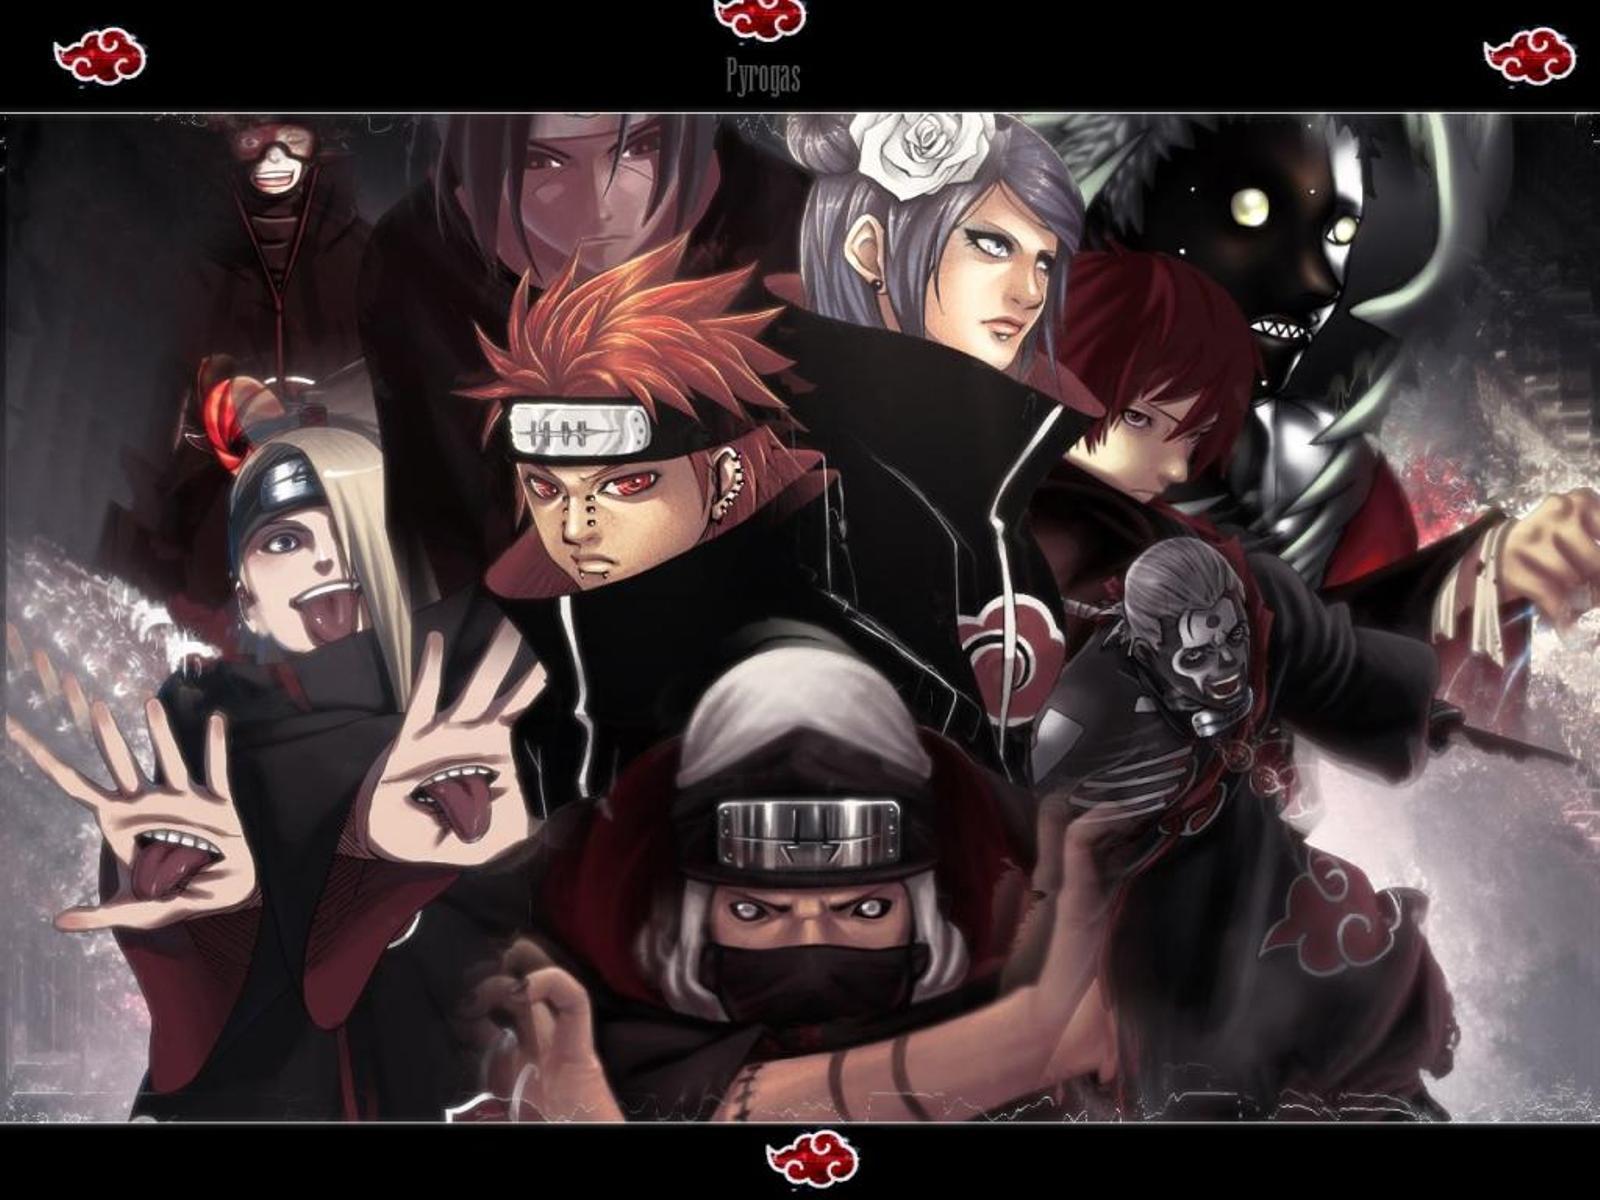 Akatsuki Took Me In - A Naruto Fanfic: Akatsuki Took Me In - A Hidan